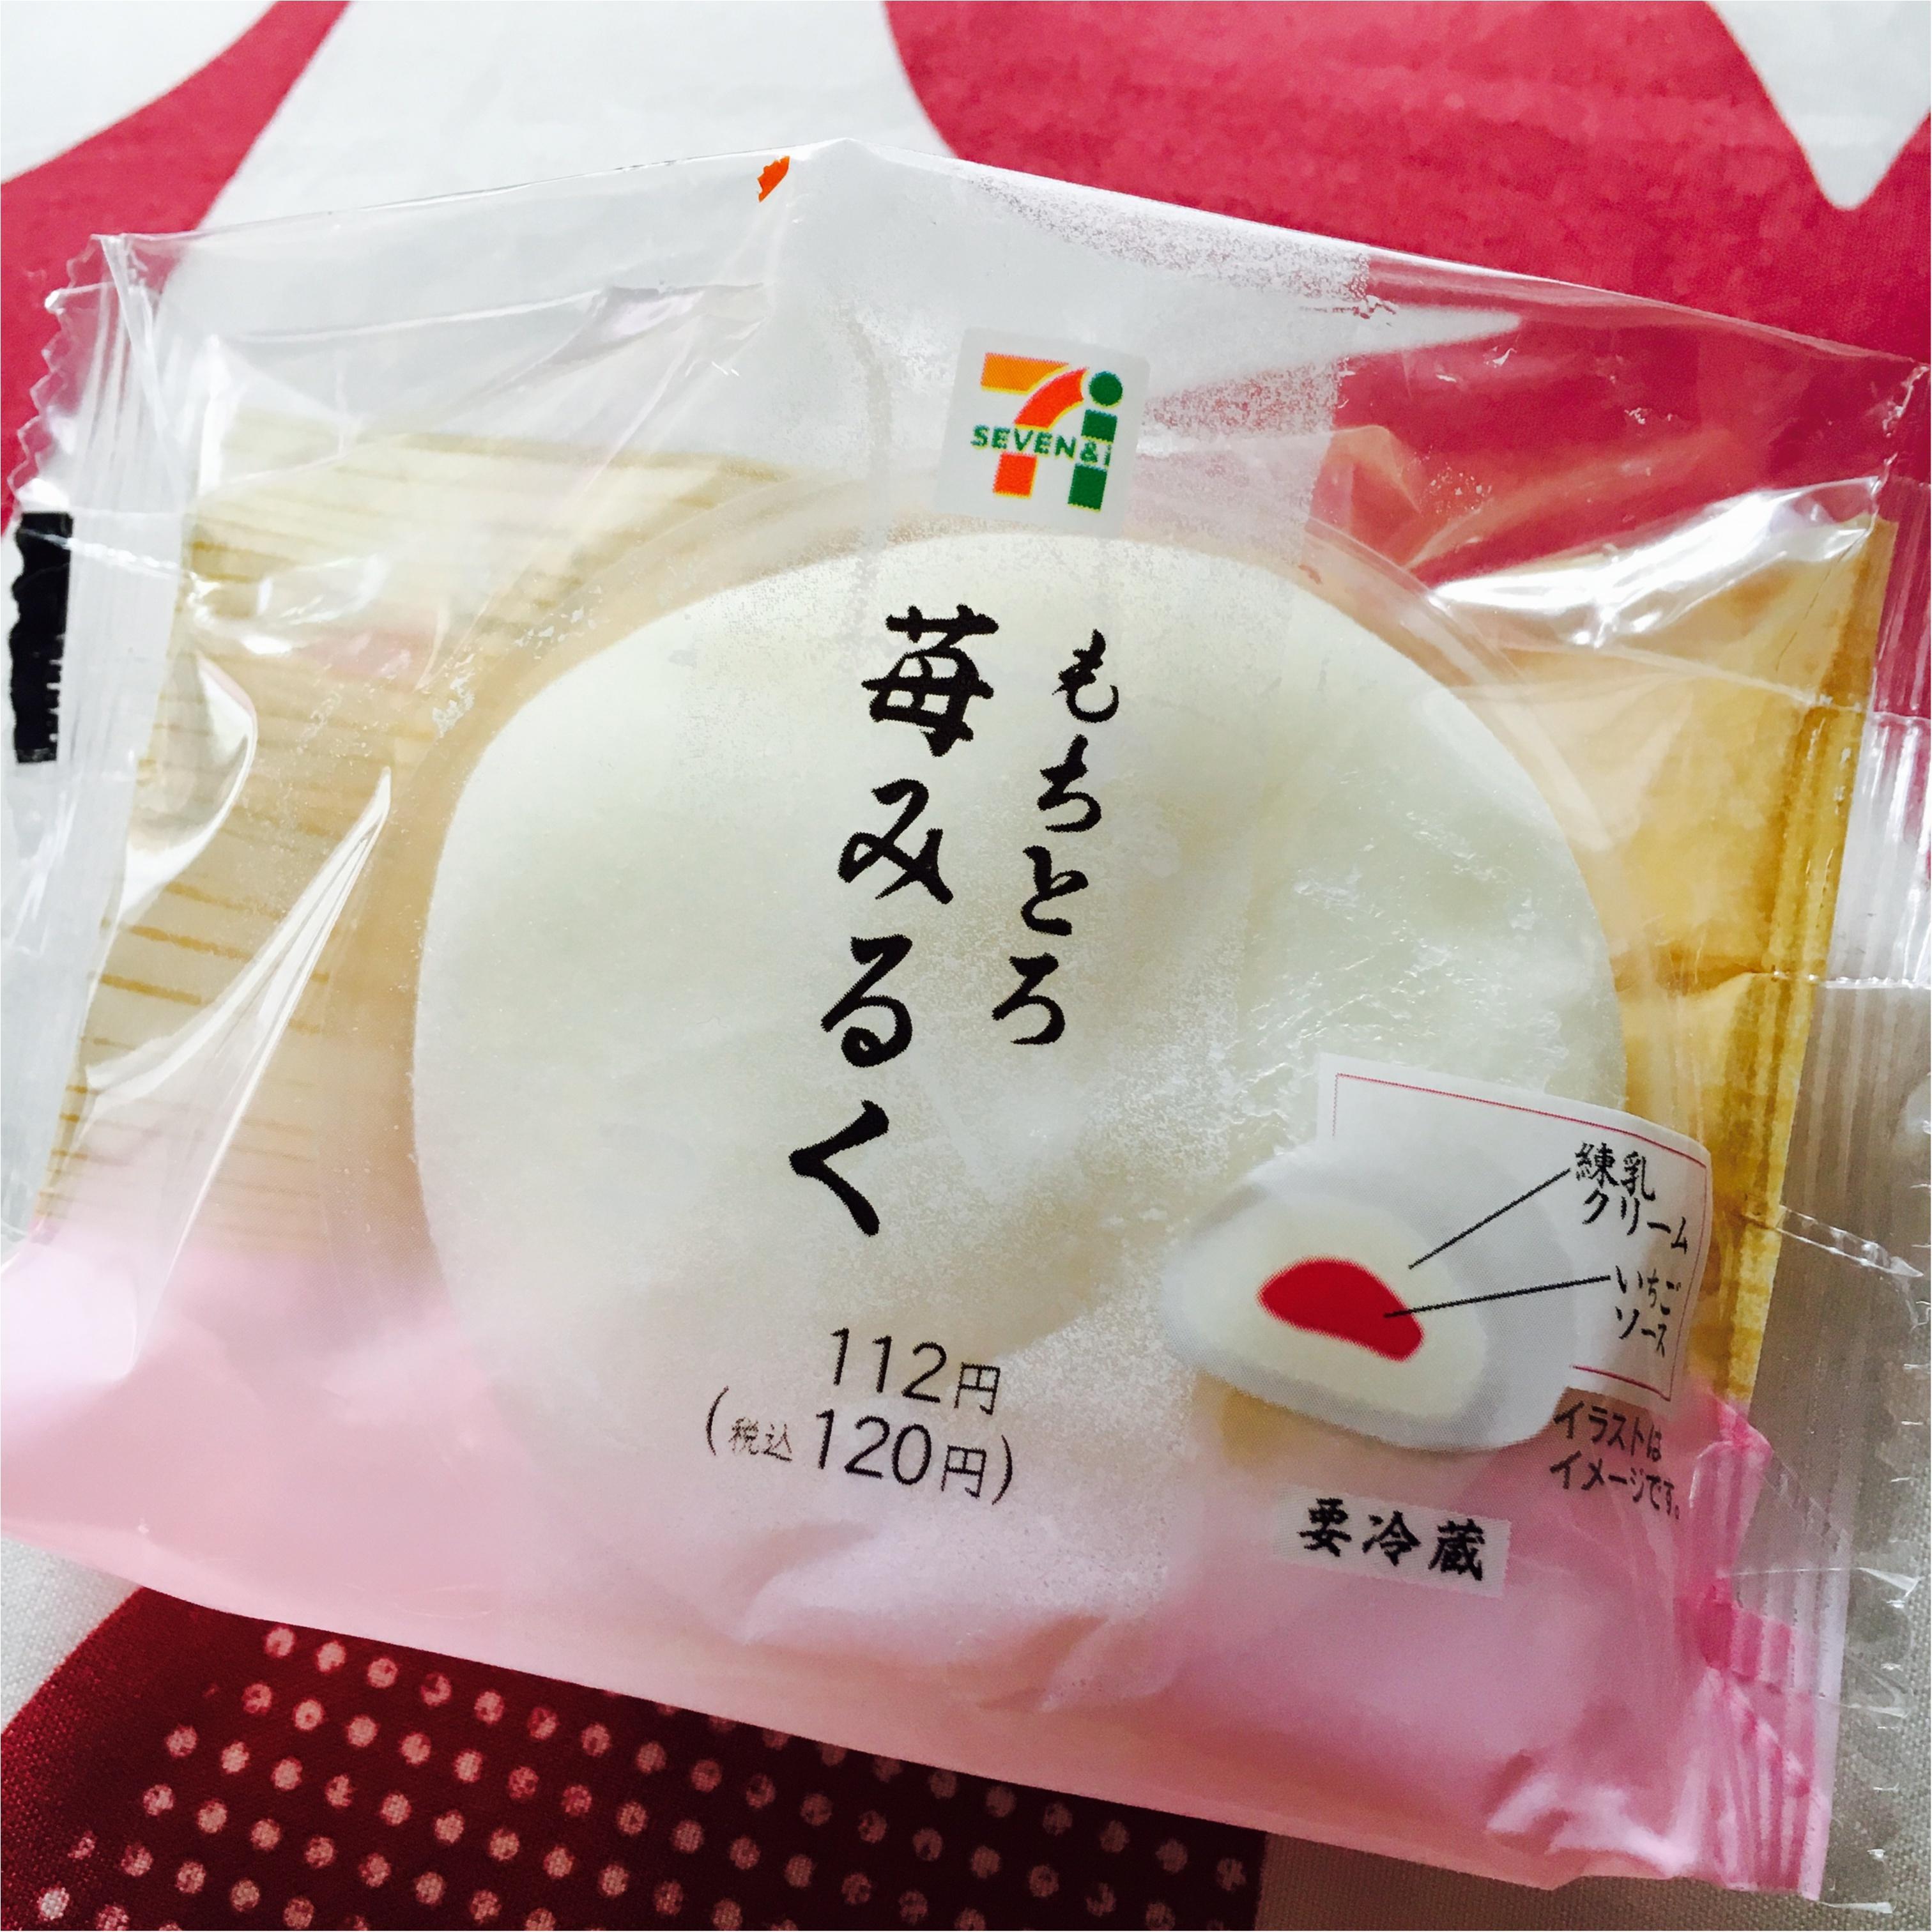 【セブンの新作!】和菓子とクリームどっちも好き❤️女子の夢を叶えたわらび餅!_7